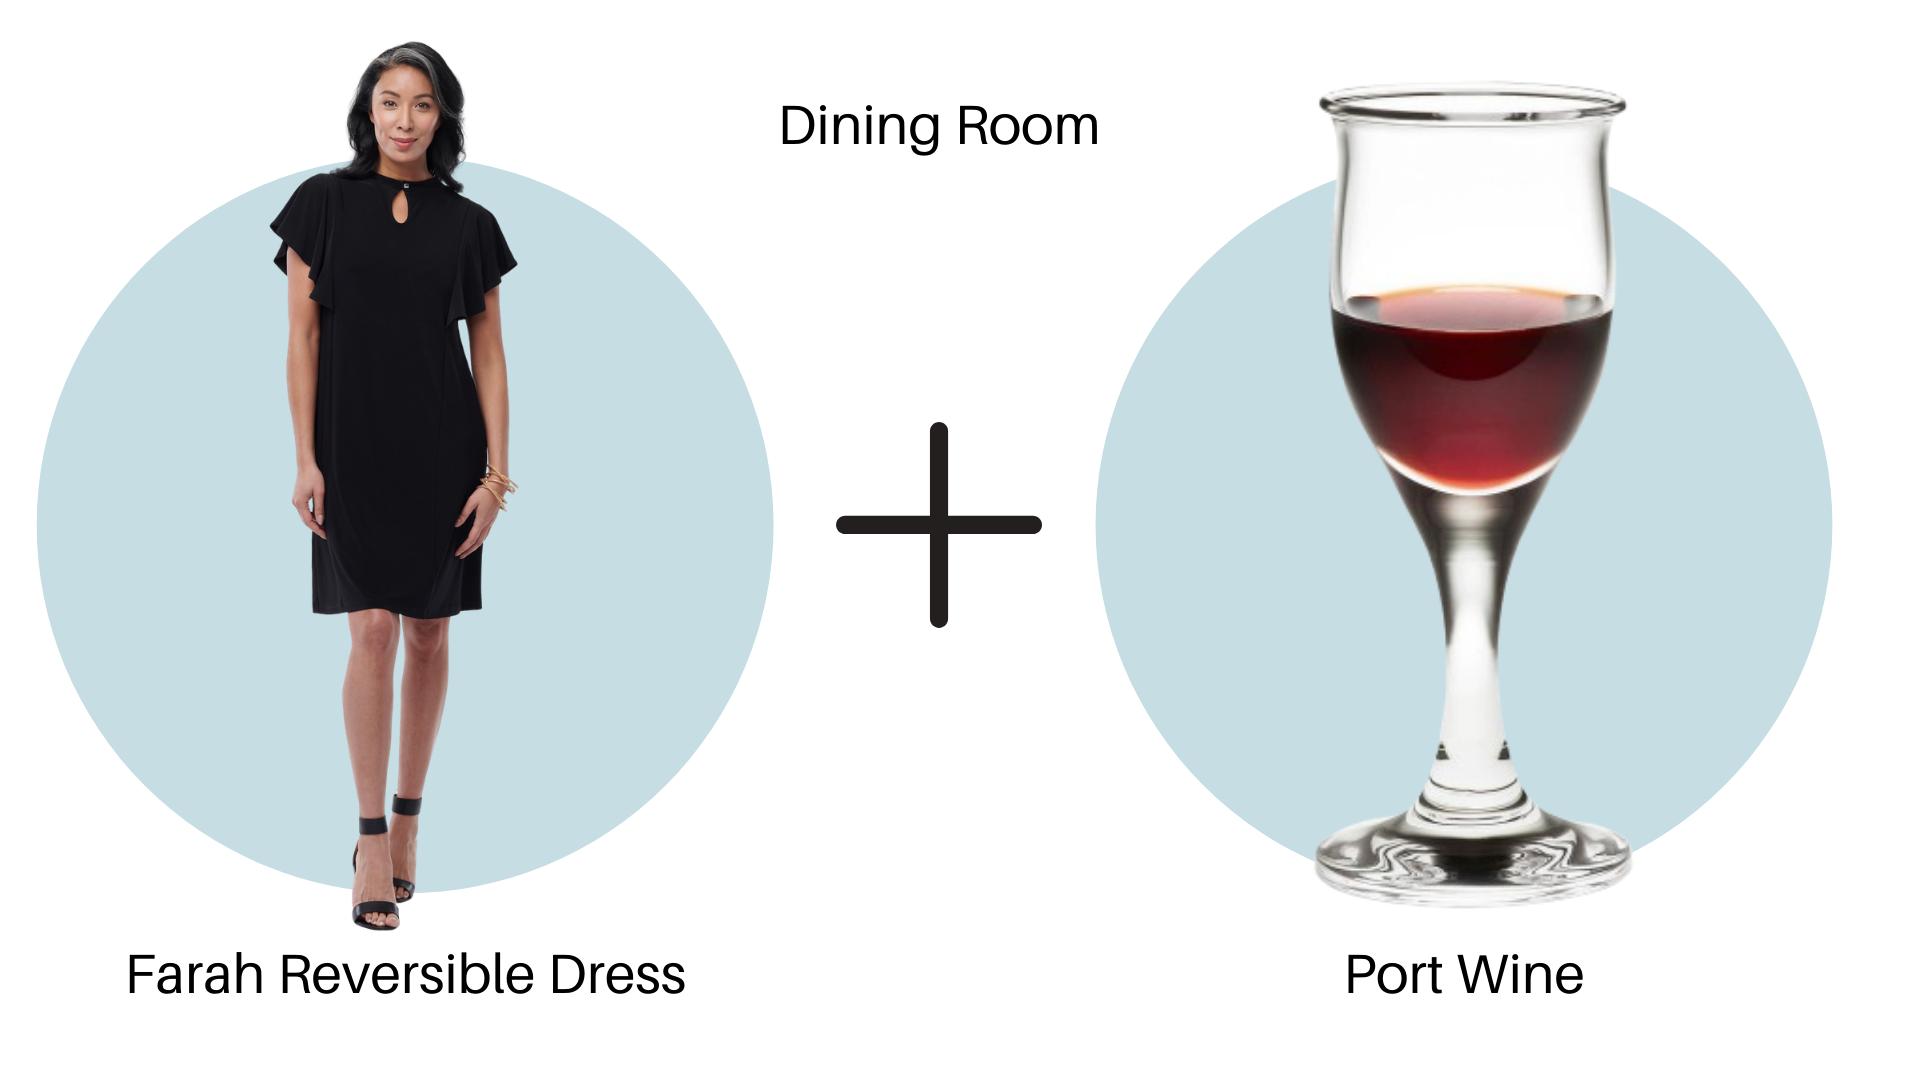 Farah Reversible Dress